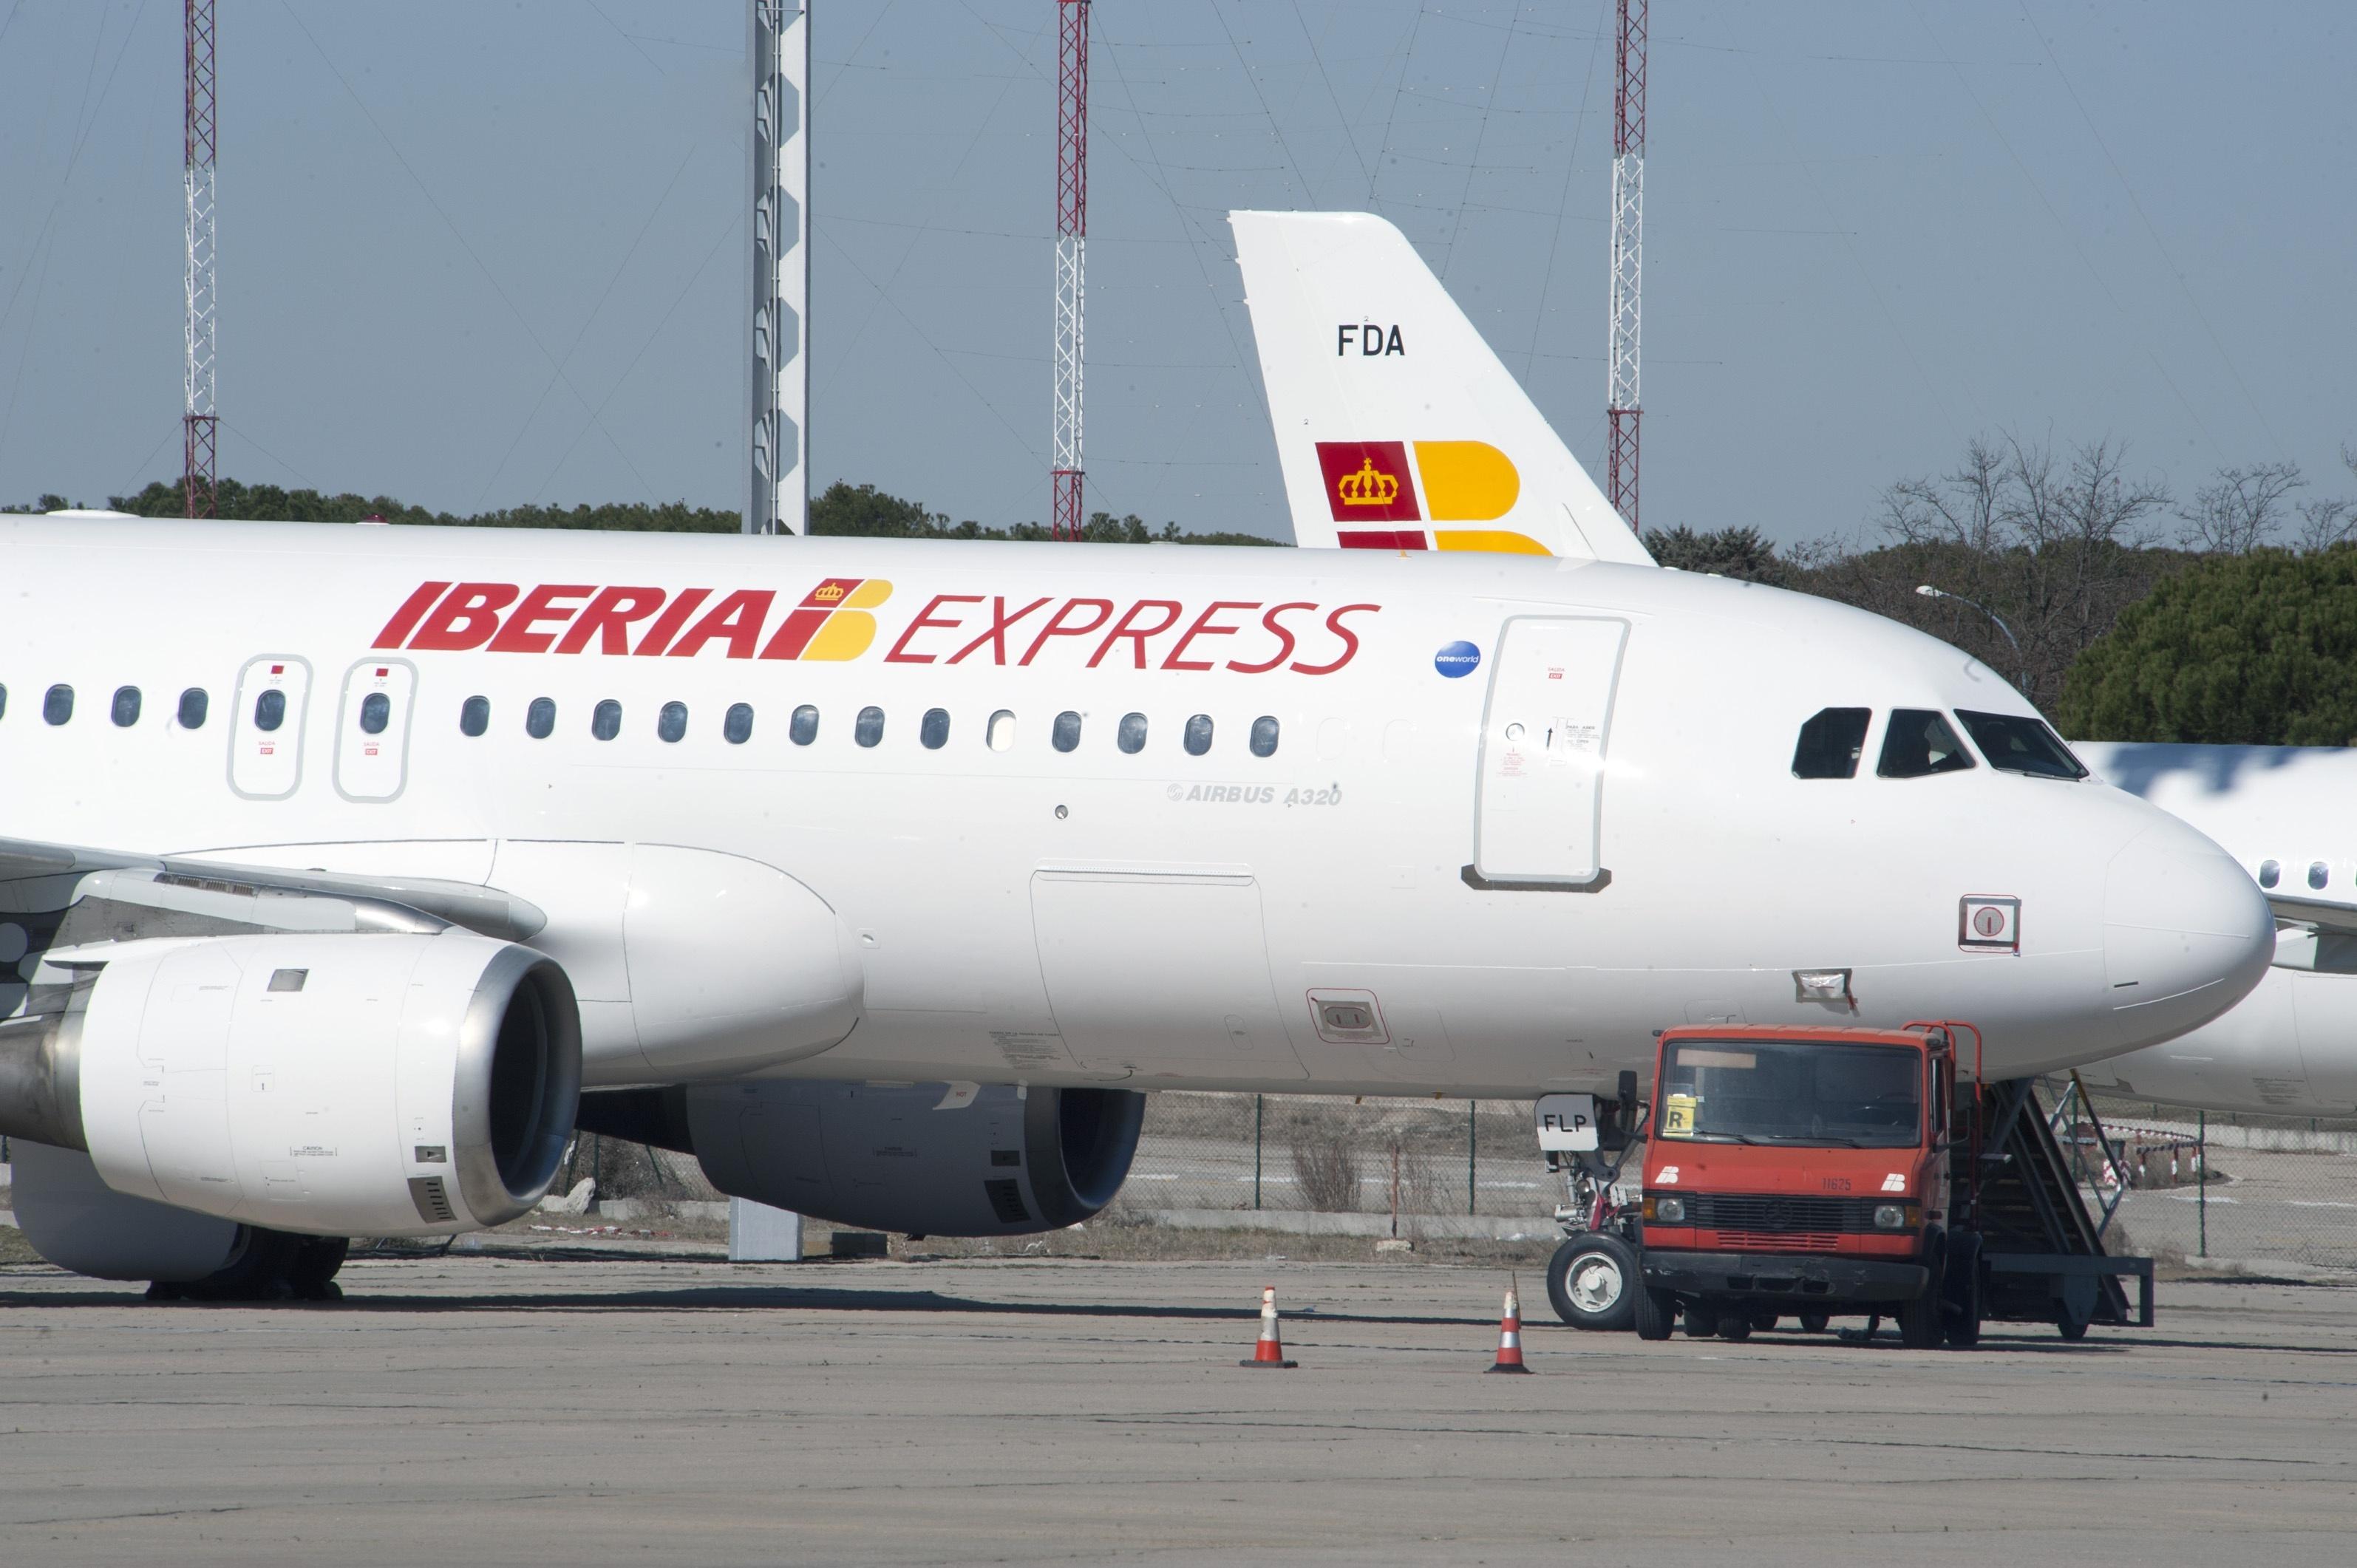 Iberia Express registra una puntualidad media del 95,3% en sus operaciones con Canarias